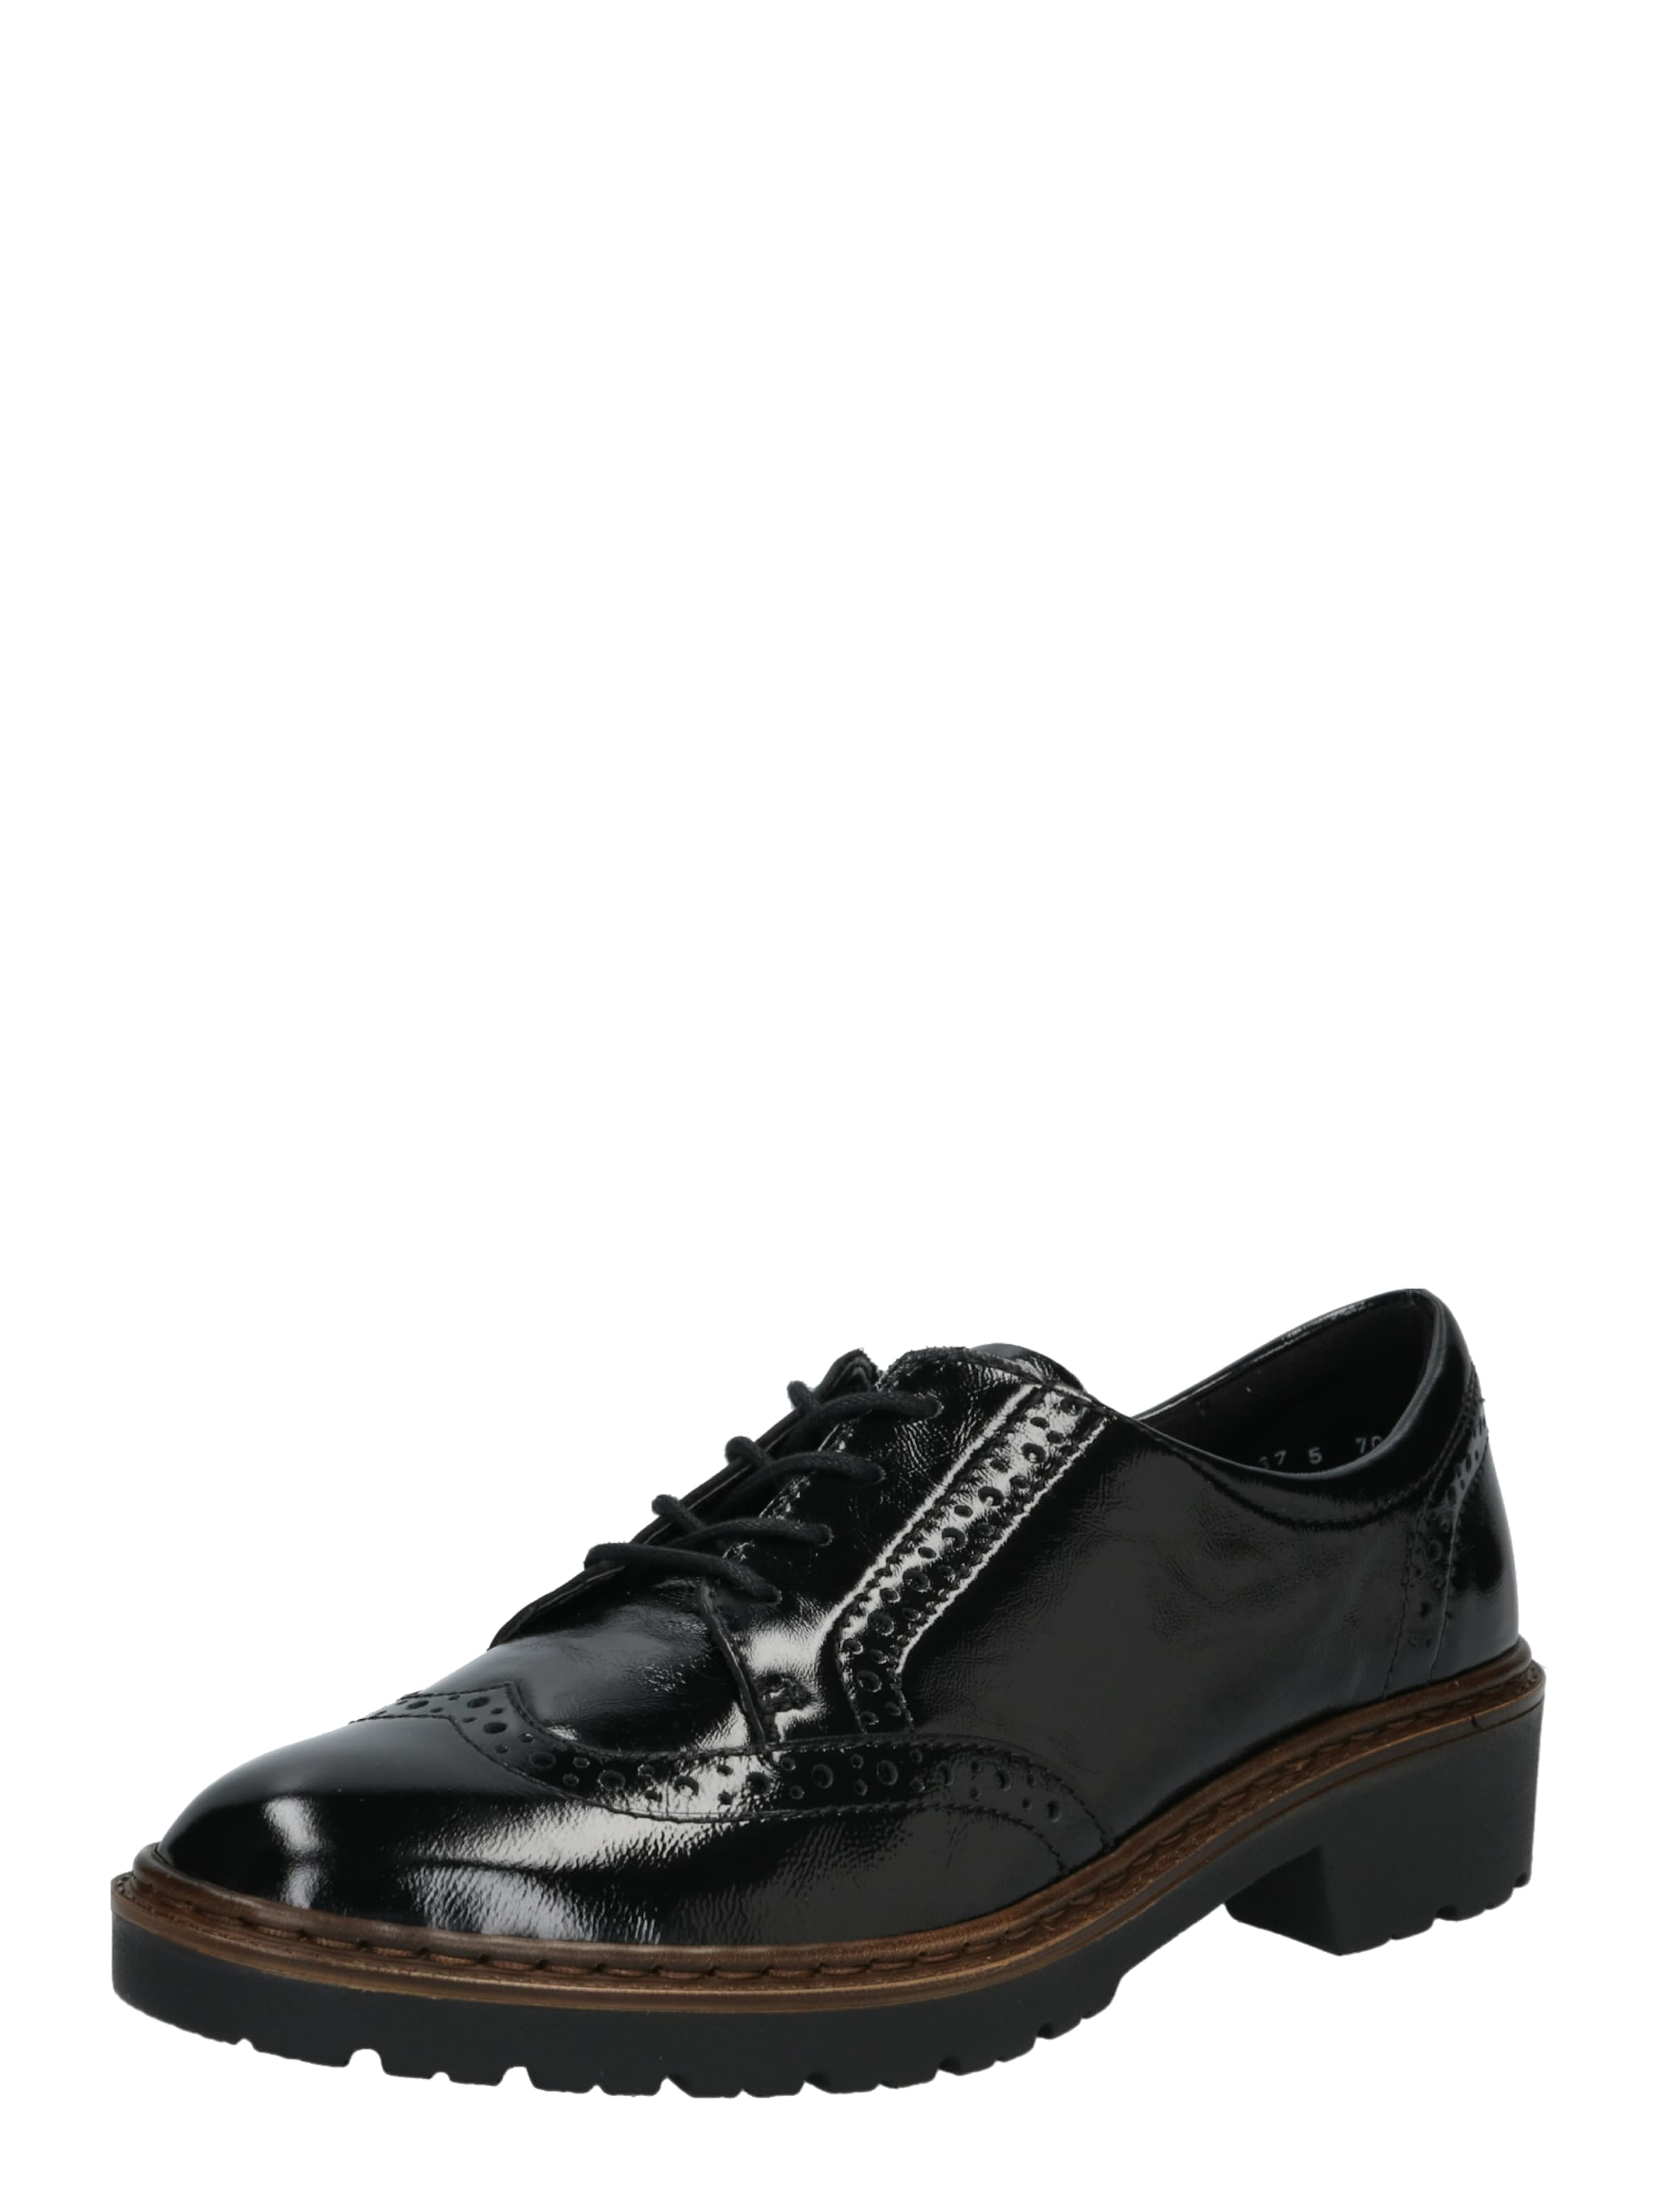 En 'richmond' Noir Lacets Chaussure À Ara Ajq3LcR54